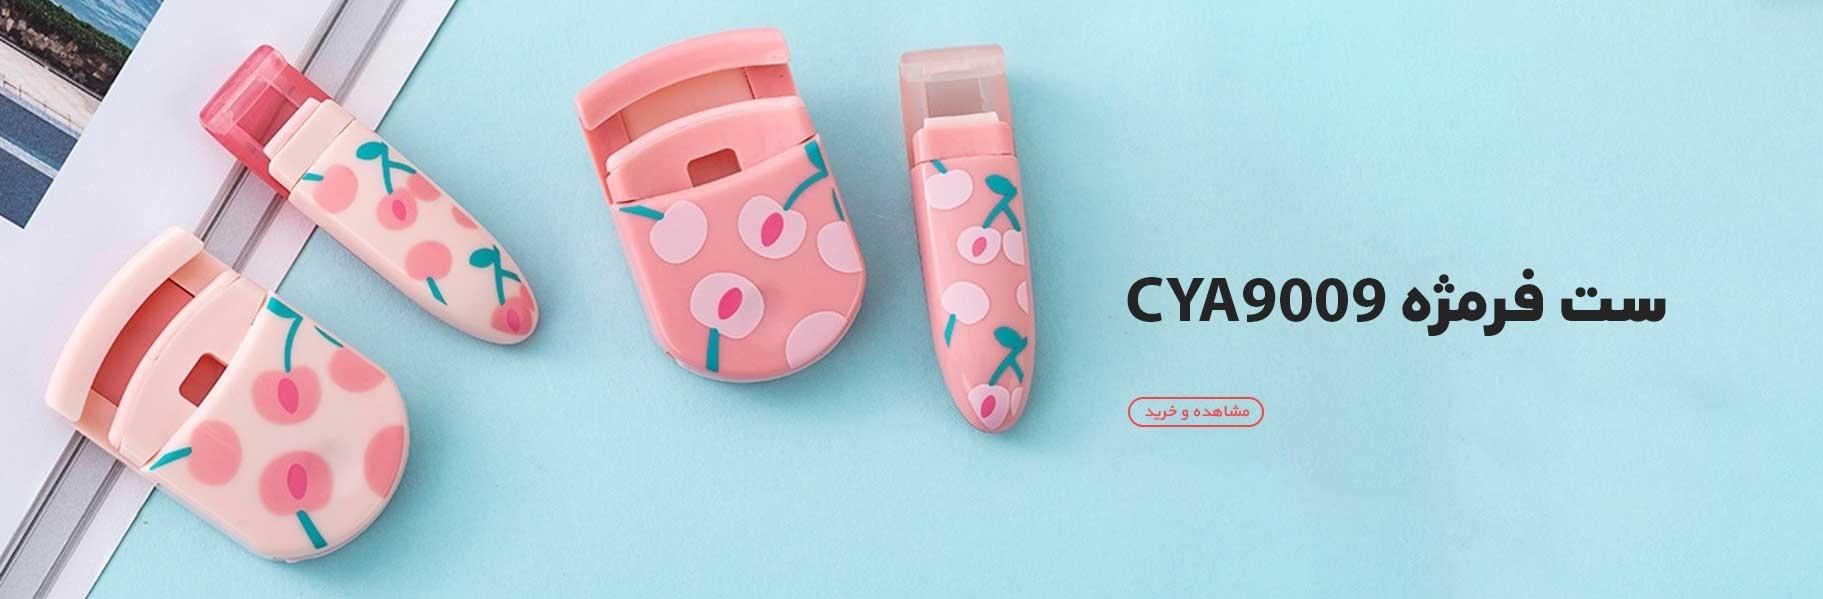 ست فرمژه CYA9009